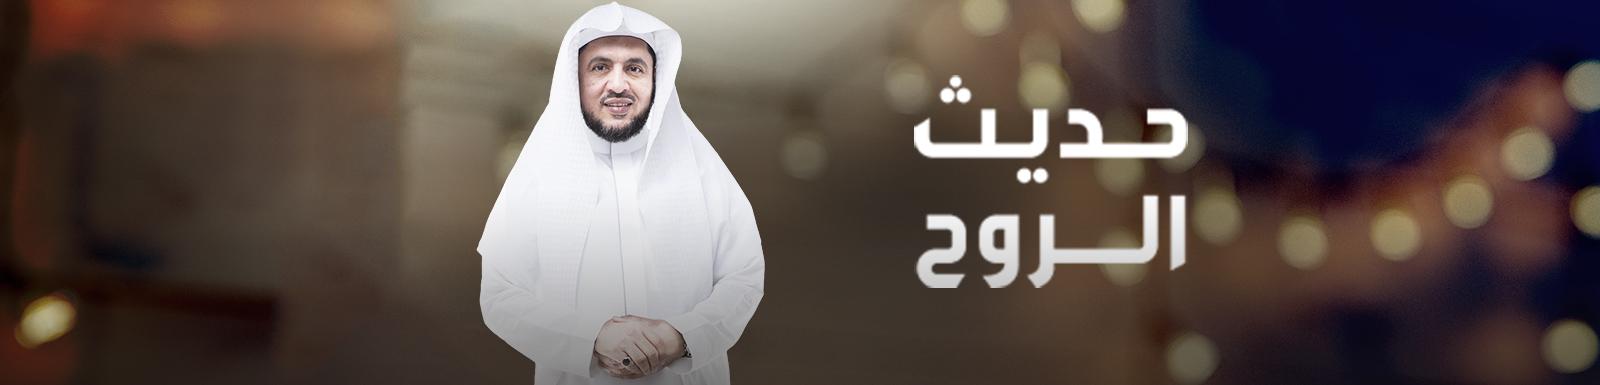 ���� ������ ��� ������ ���� ����� �� ����� 2016 mbc